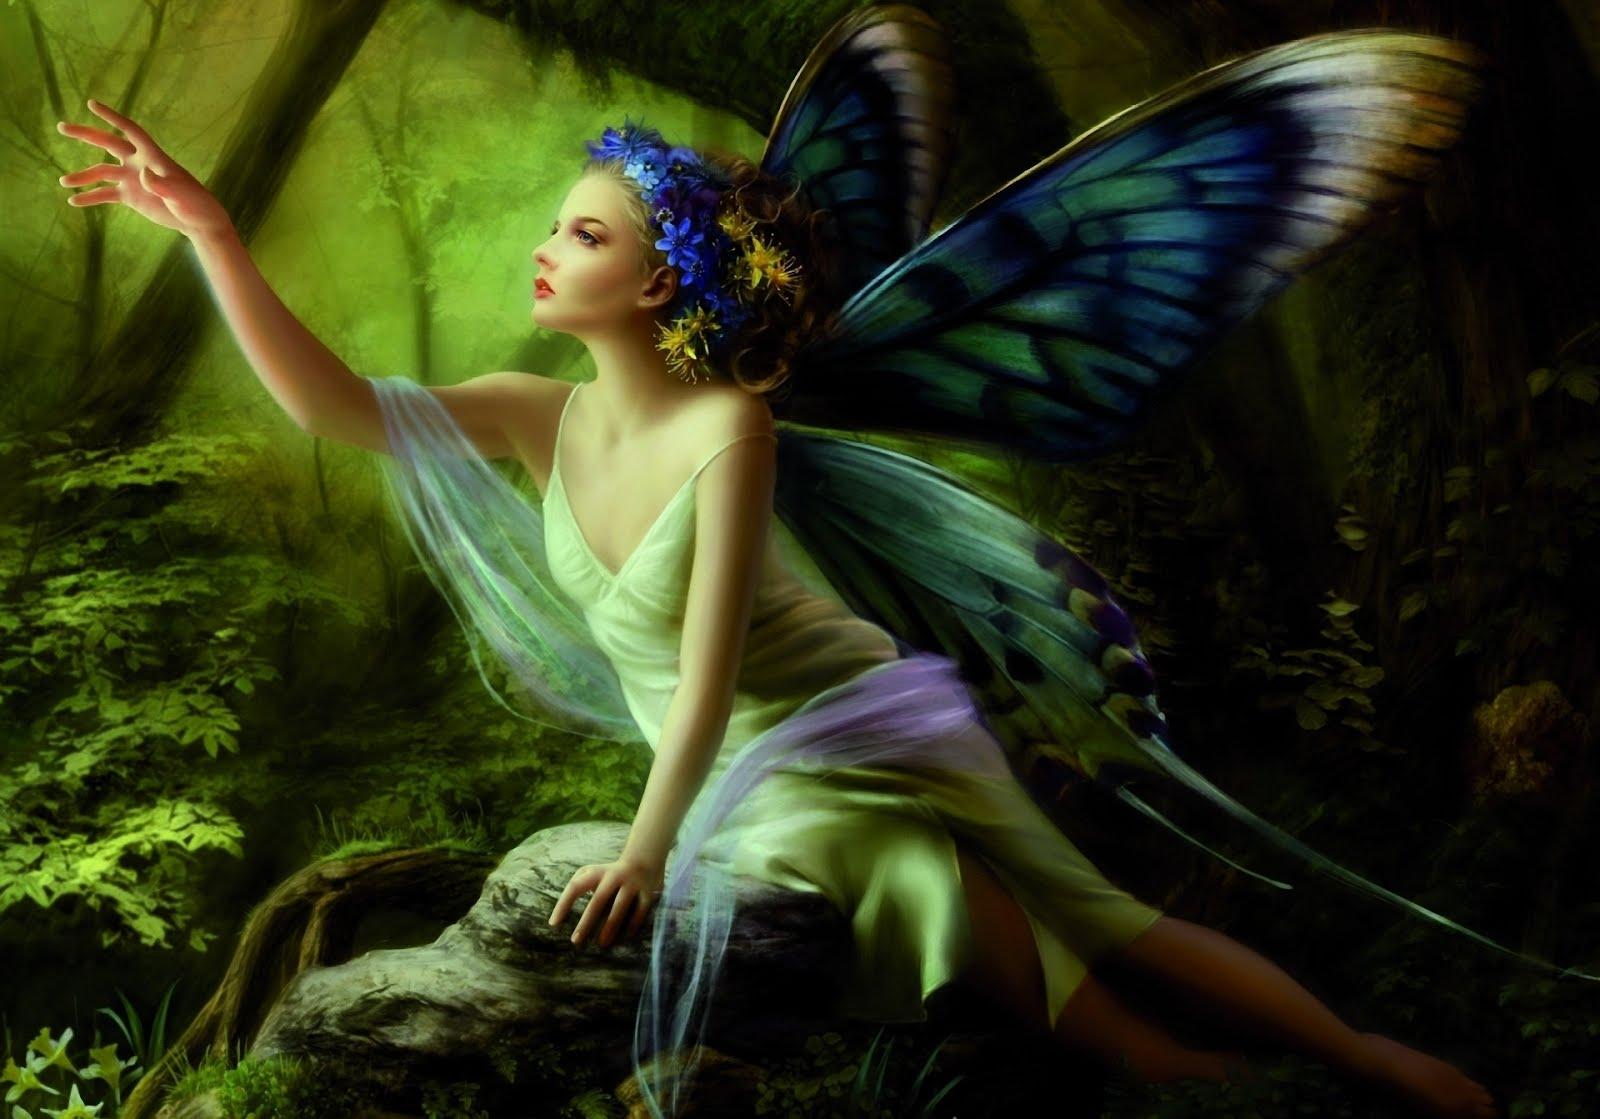 Imágenes de mariposas - Frases de mariposas